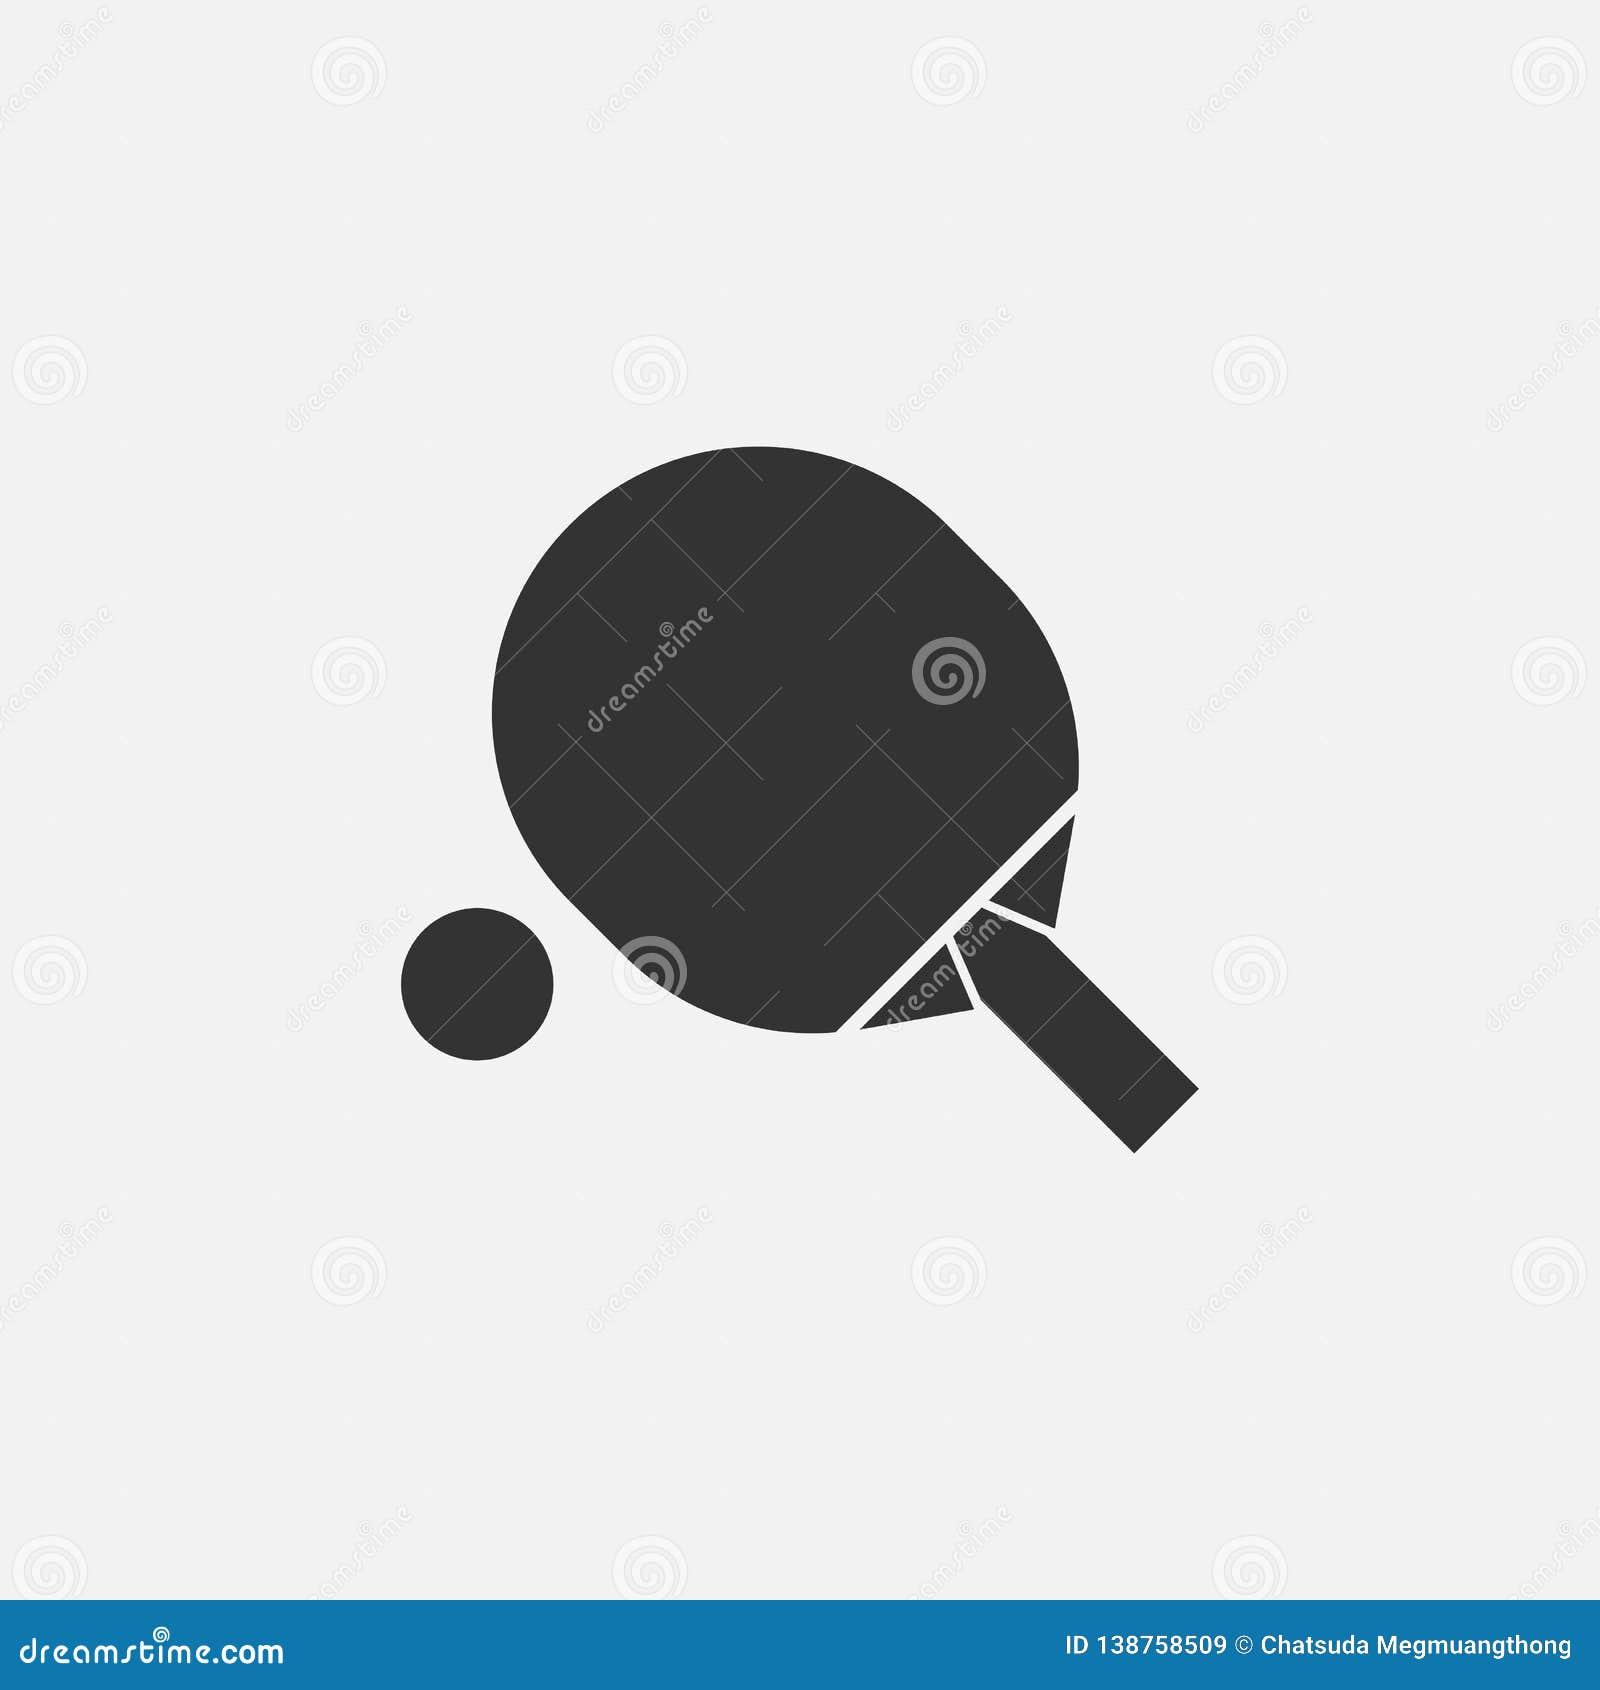 Icono de los tenis de mesa, deporte, ping-pong, juego